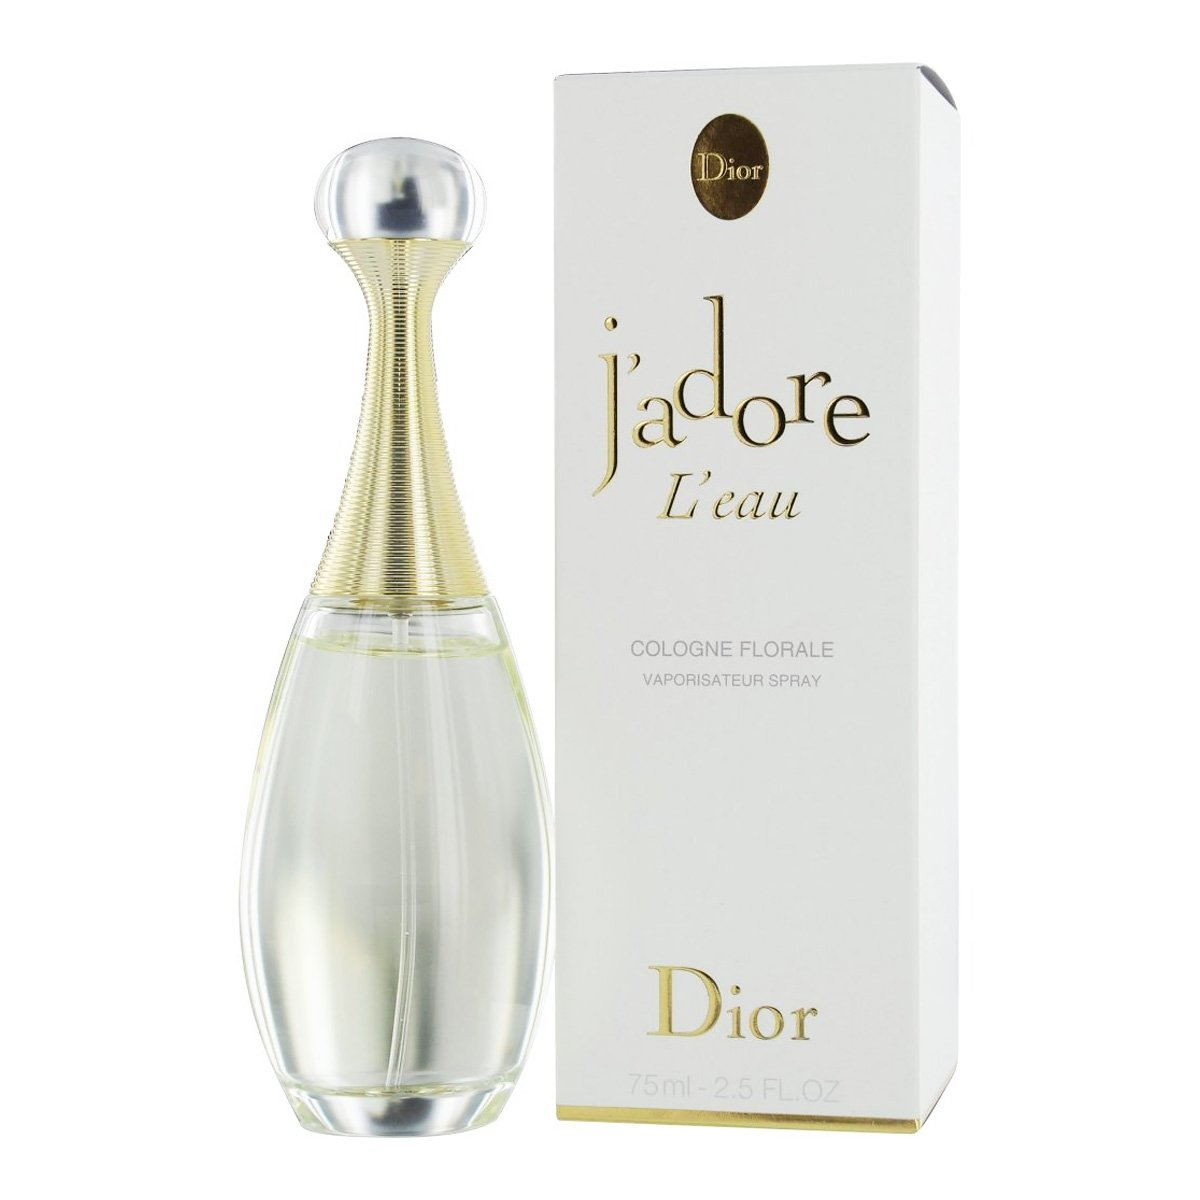 Christian Dior - J adore L eau Cologne Florale 4a7d1dfcfec73